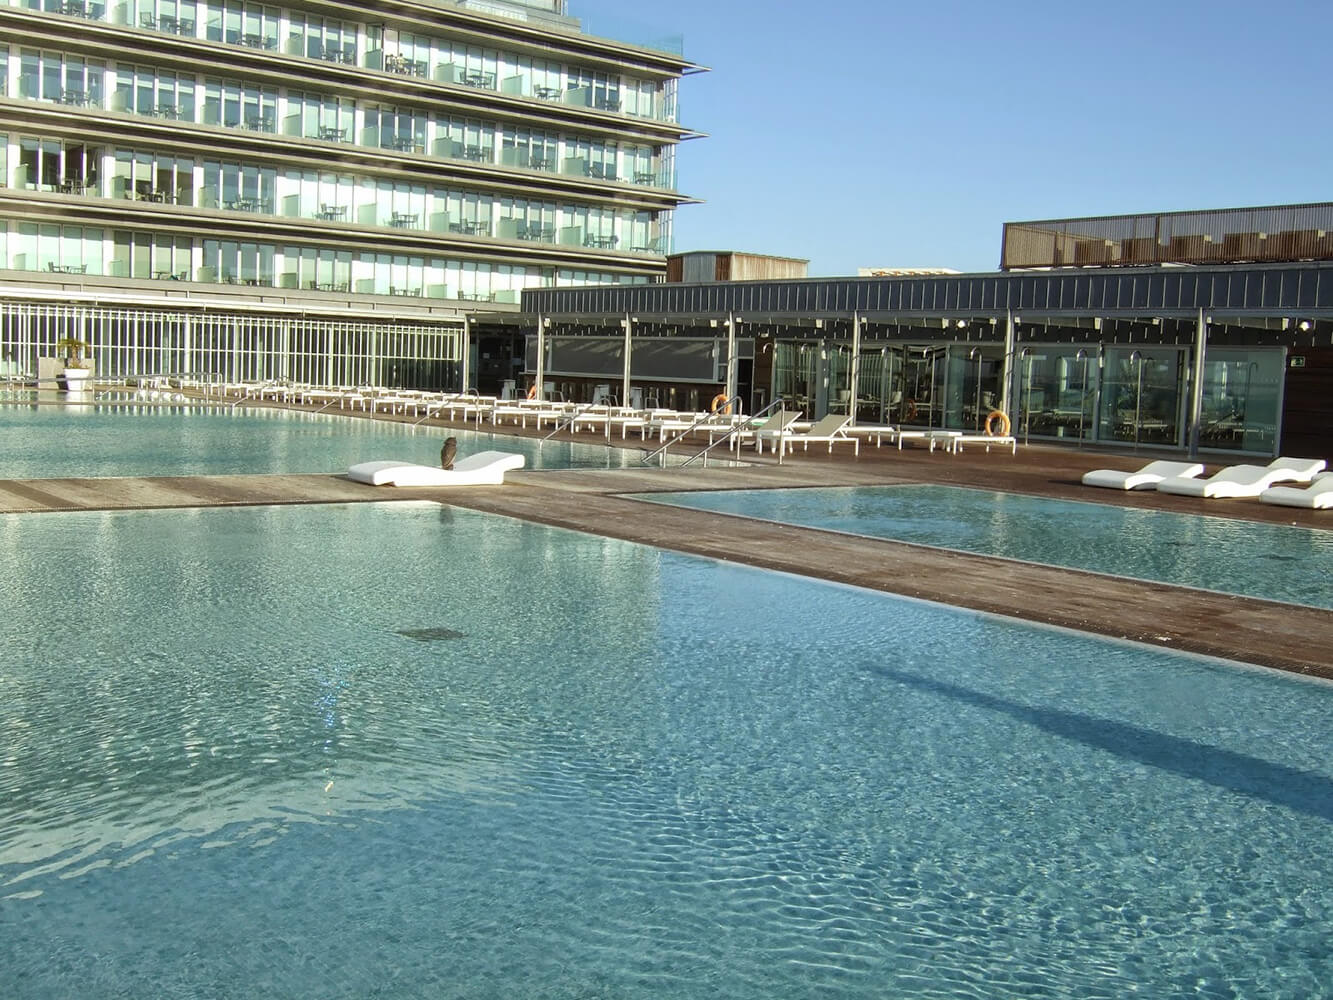 Piscinas parador hotel atl ntico hidroingenia for Piscinas naturales bolonia cadiz